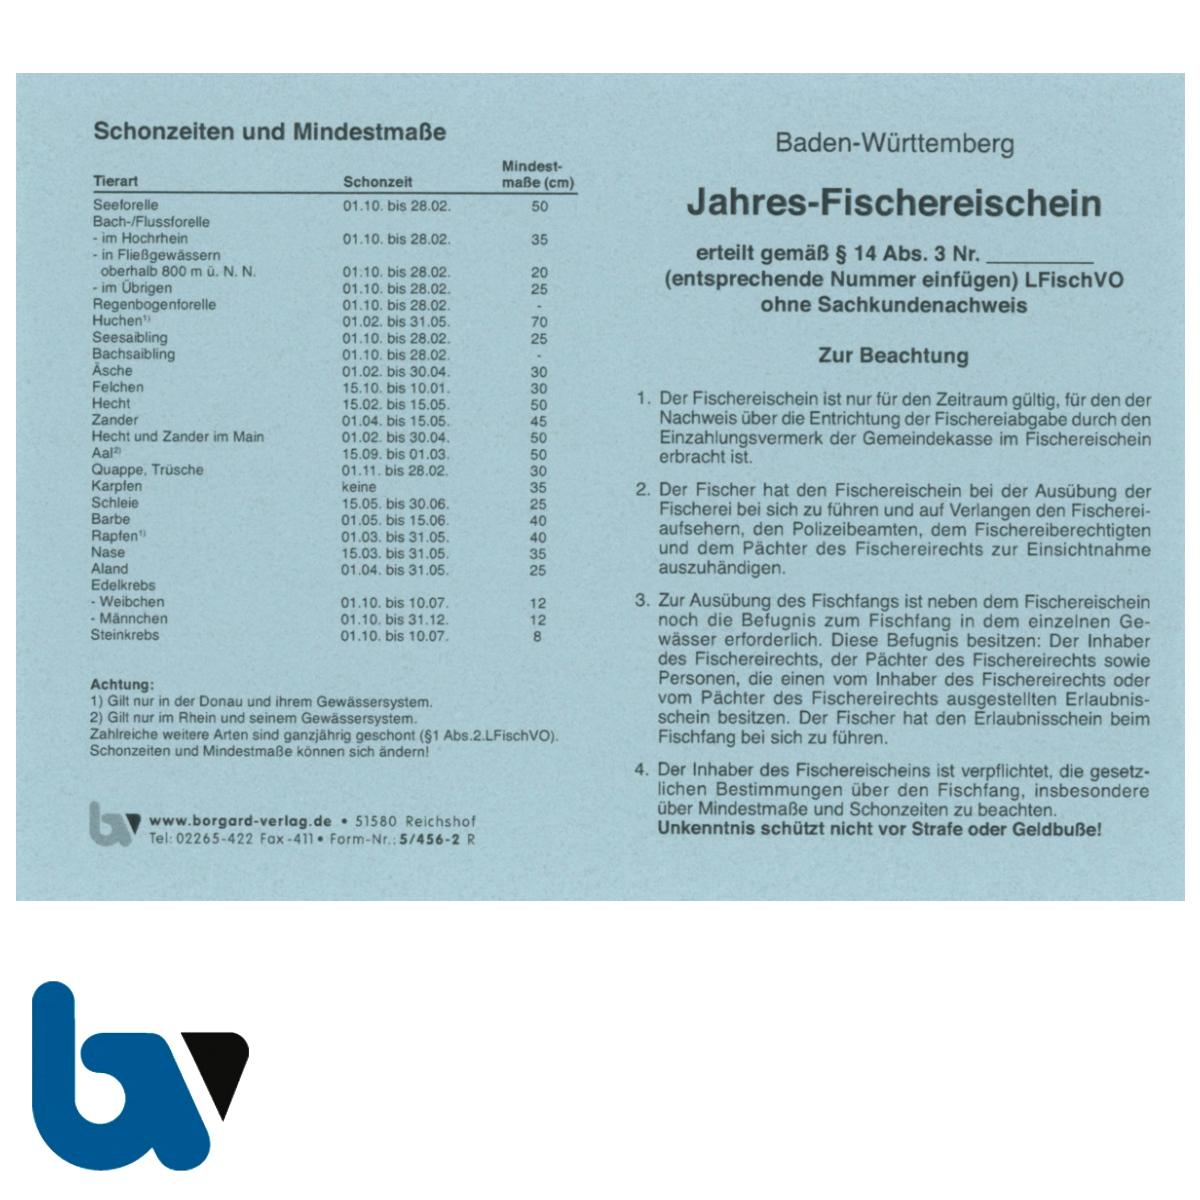 5/456-2 Jahresfischereischein BW Baden-Württemberg blau Neobond Muster Vorderseite   Borgard Verlag GmbH